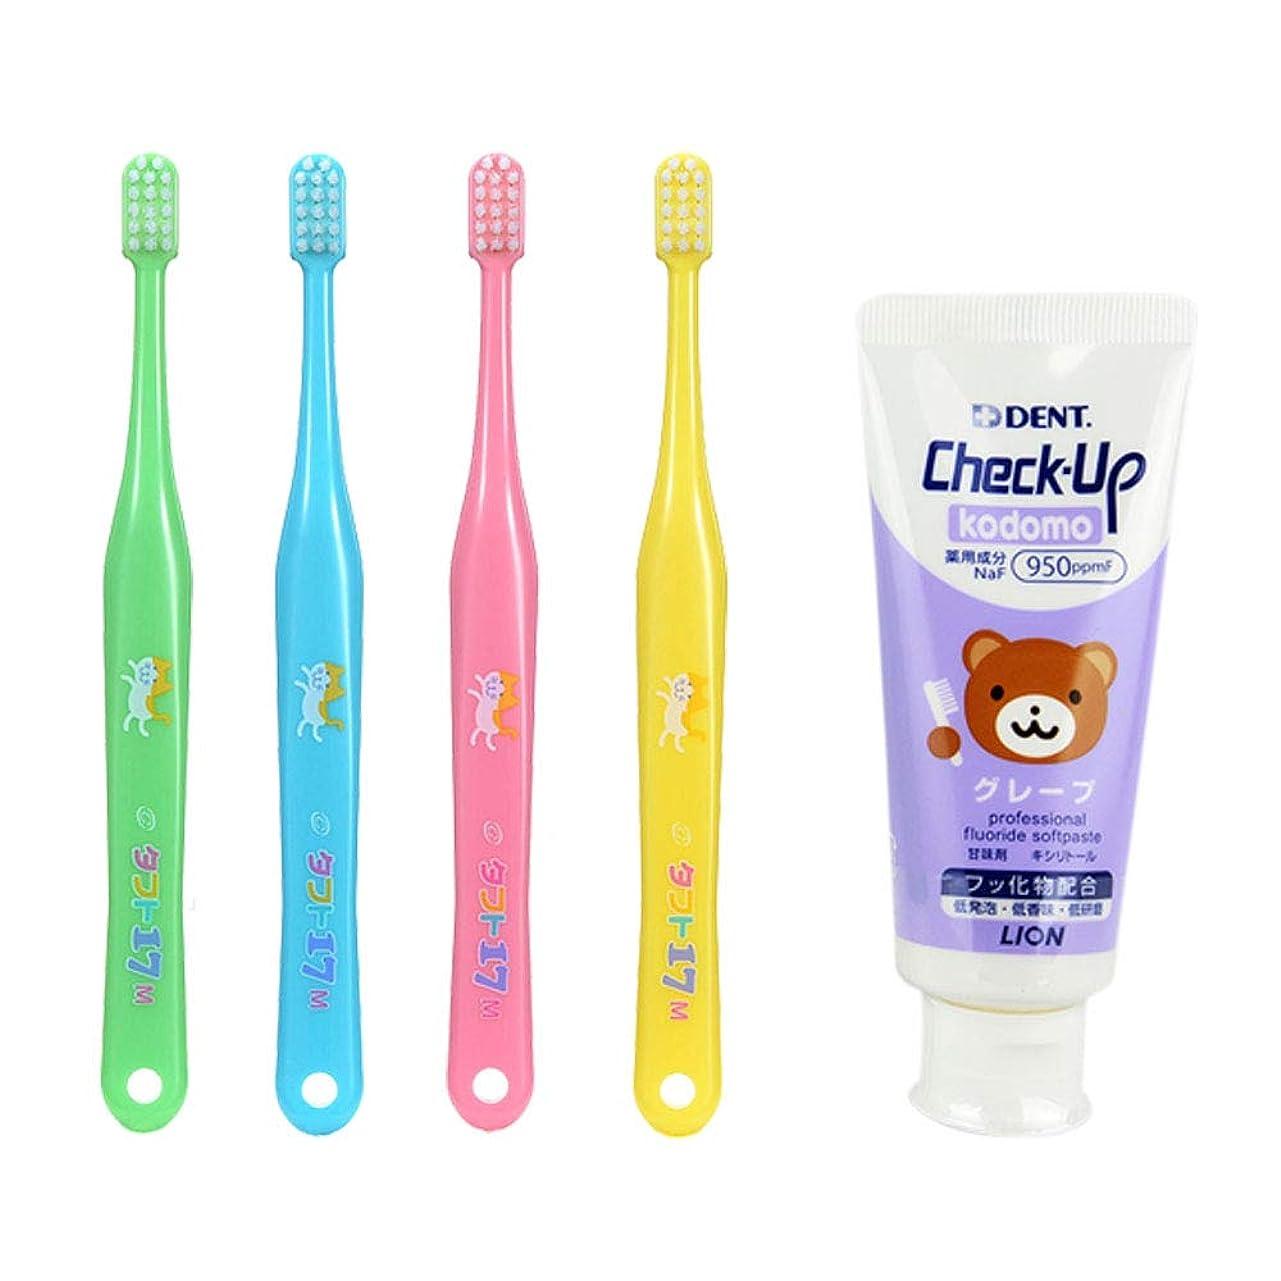 より平らな類推心配するタフト17 M(ふつう) 子ども 歯ブラシ 10本 + チェックアップ コドモ 60g (グレープ) 歯磨き粉 歯科専売品